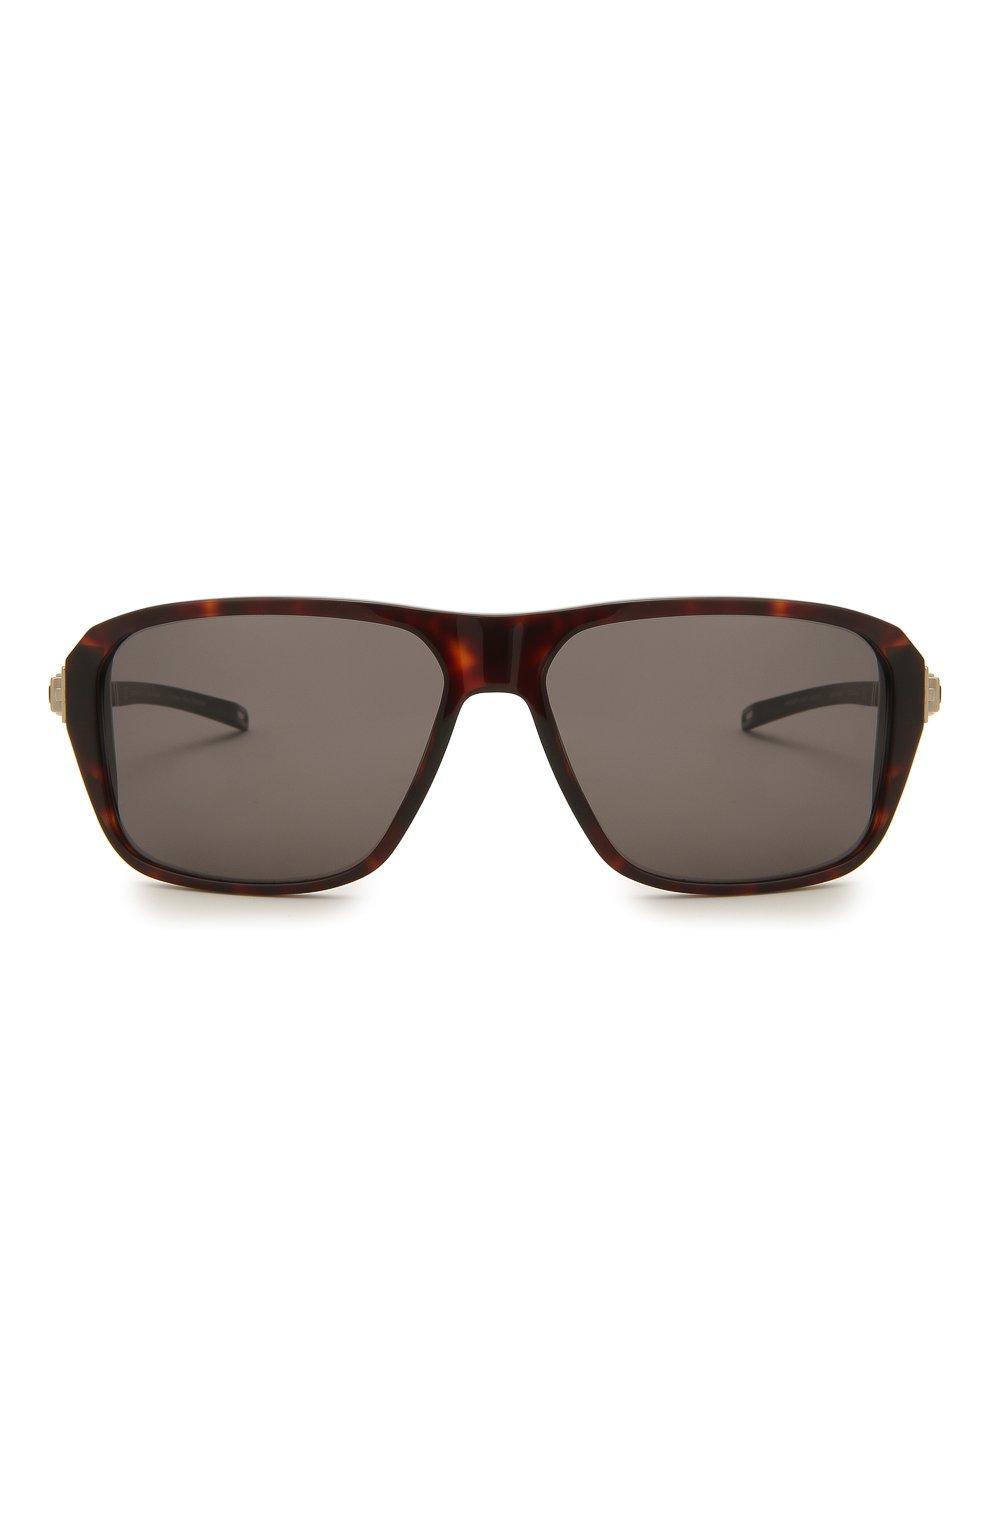 Мужские солнцезащитные очки CHOPARD коричневого цвета, арт. 292 722P | Фото 3